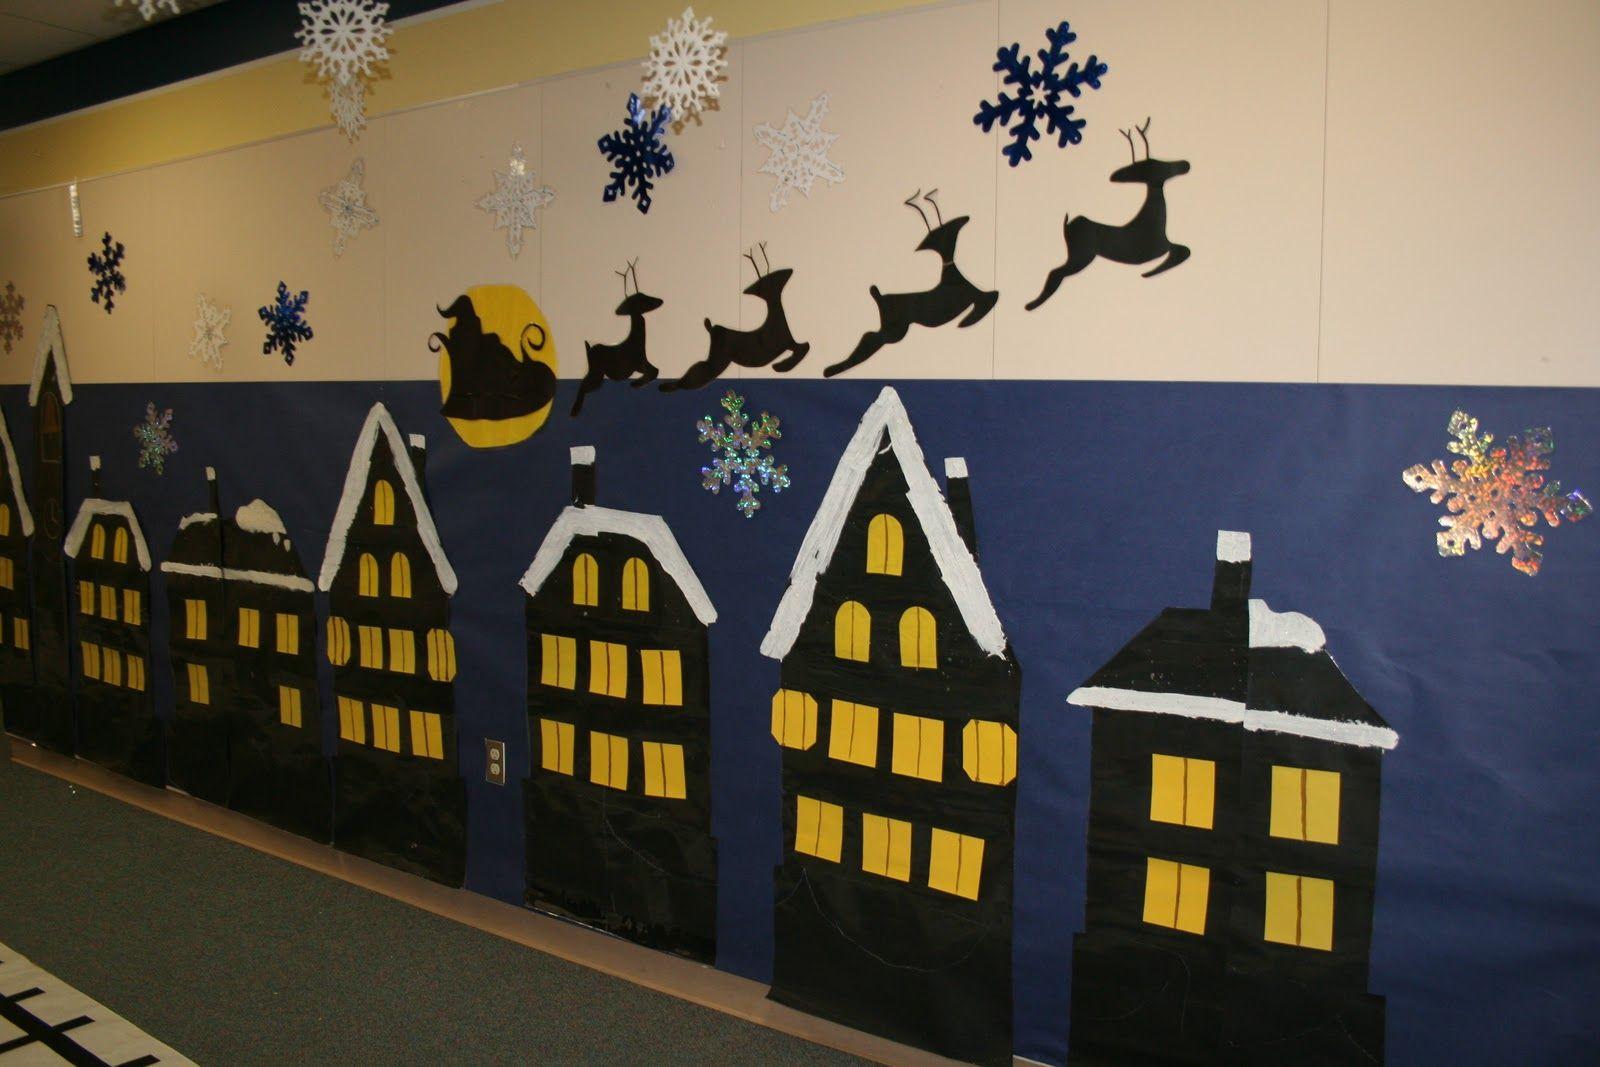 Polar Express Hallway Decorations